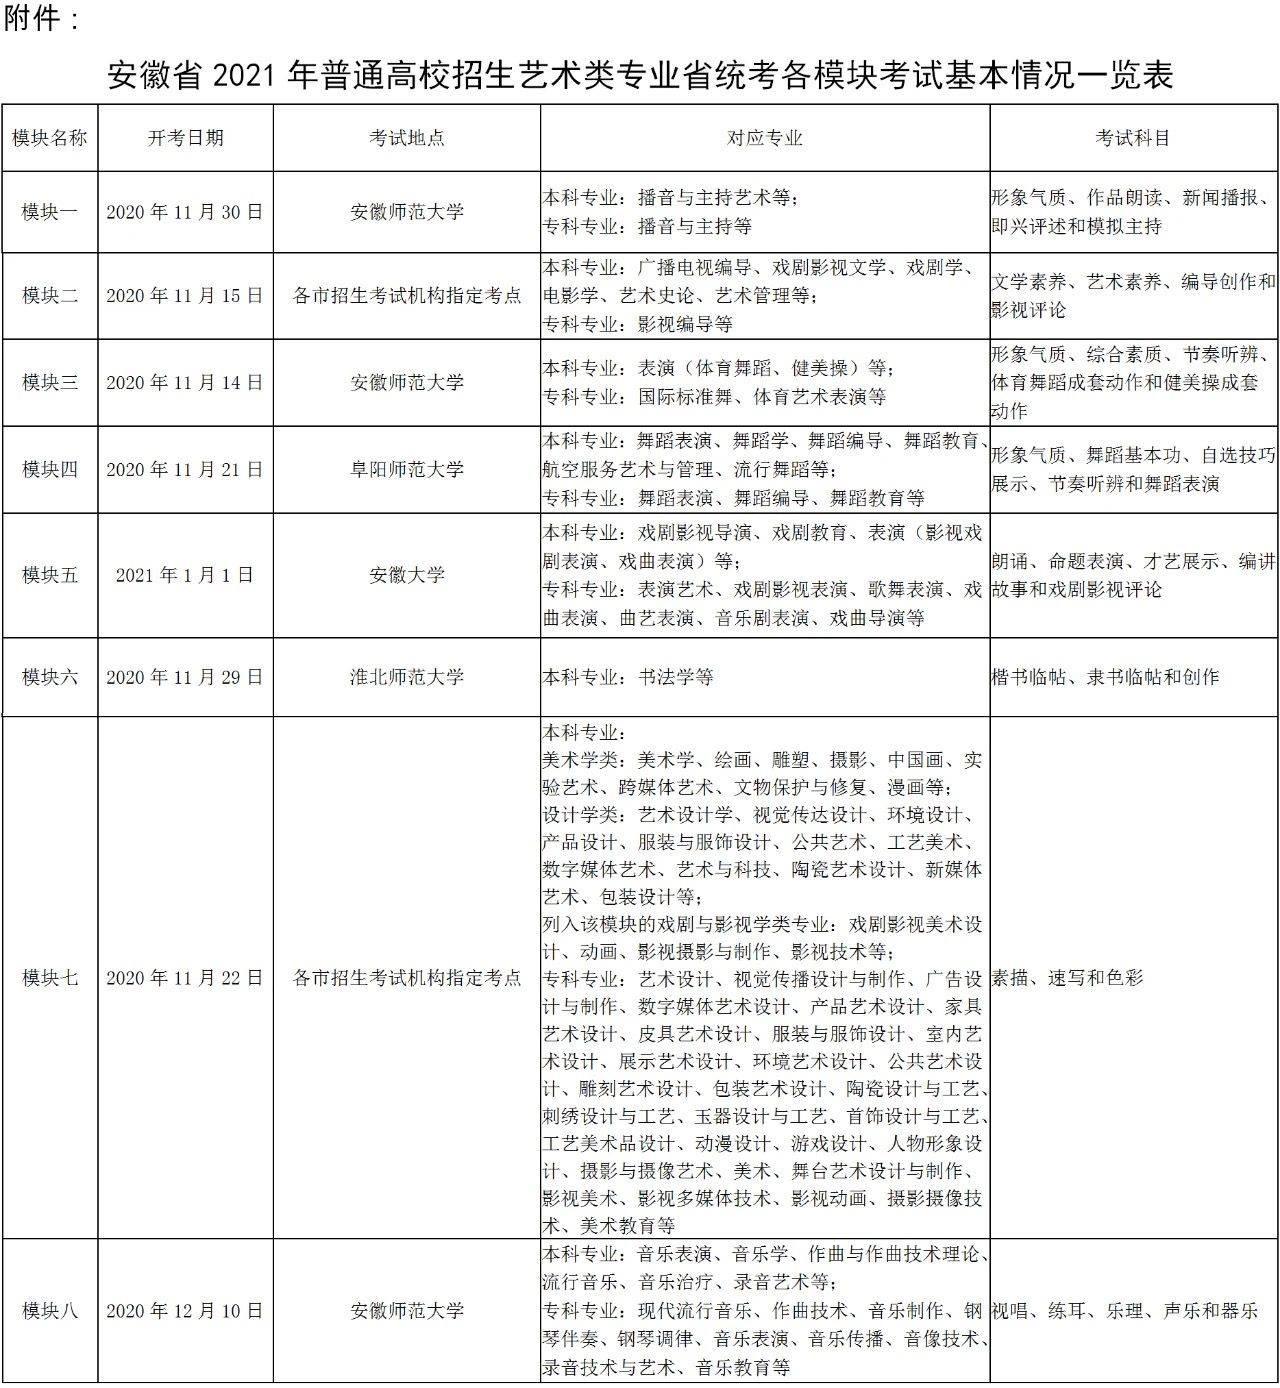 安徽省2021年艺考方案公布 11月14日启动专业省考